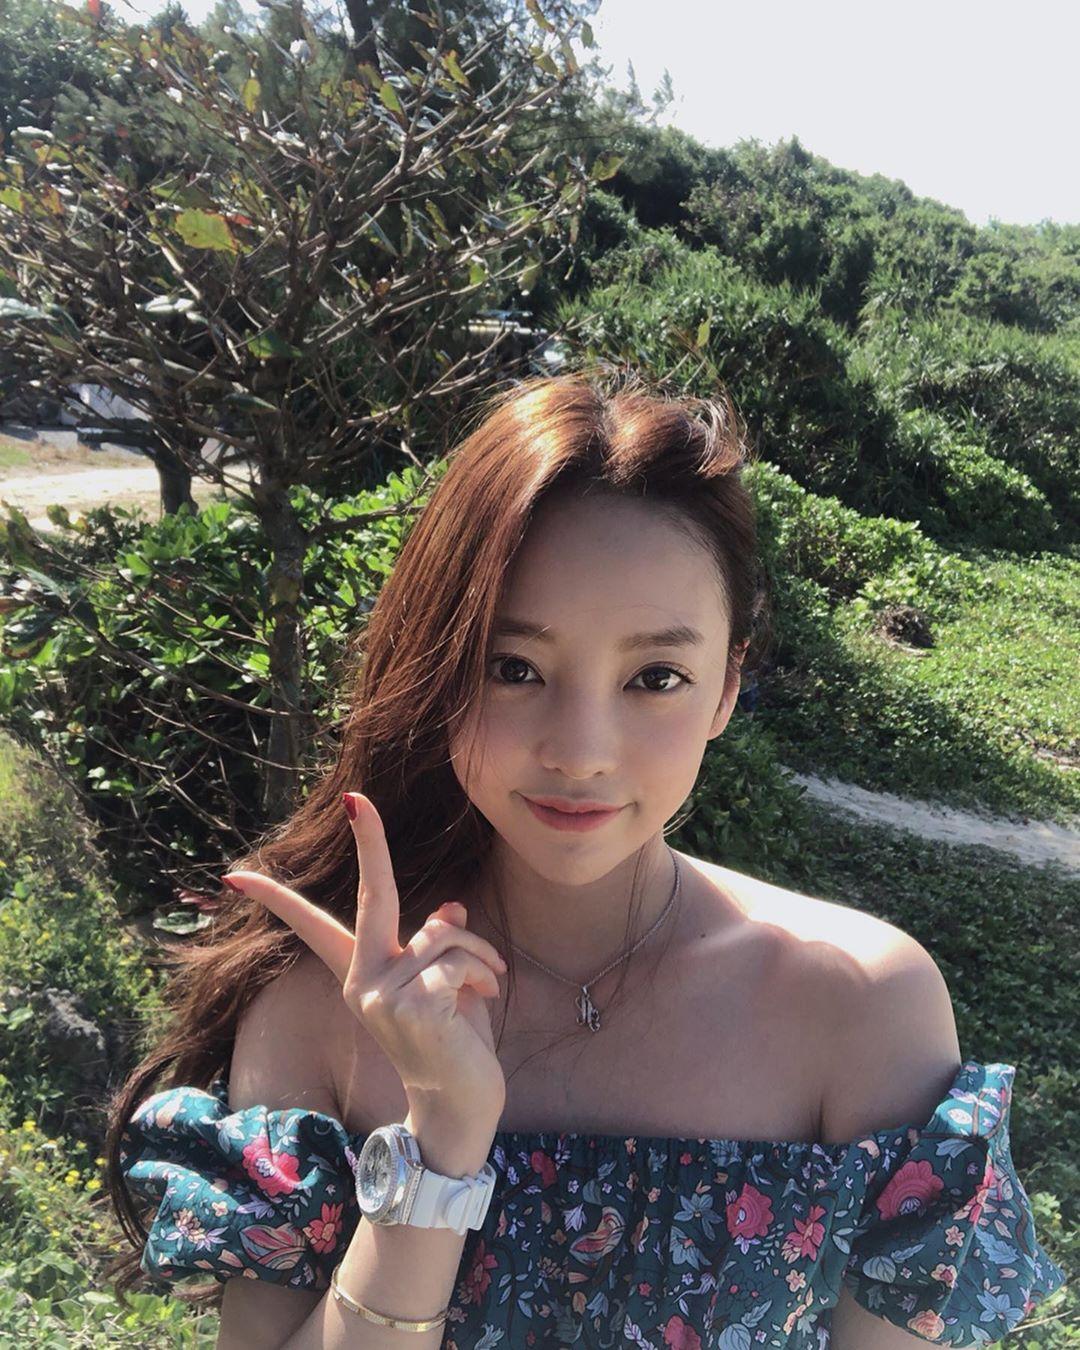 La estrella K-pop Goo Hara fallece a los 28 años de edad